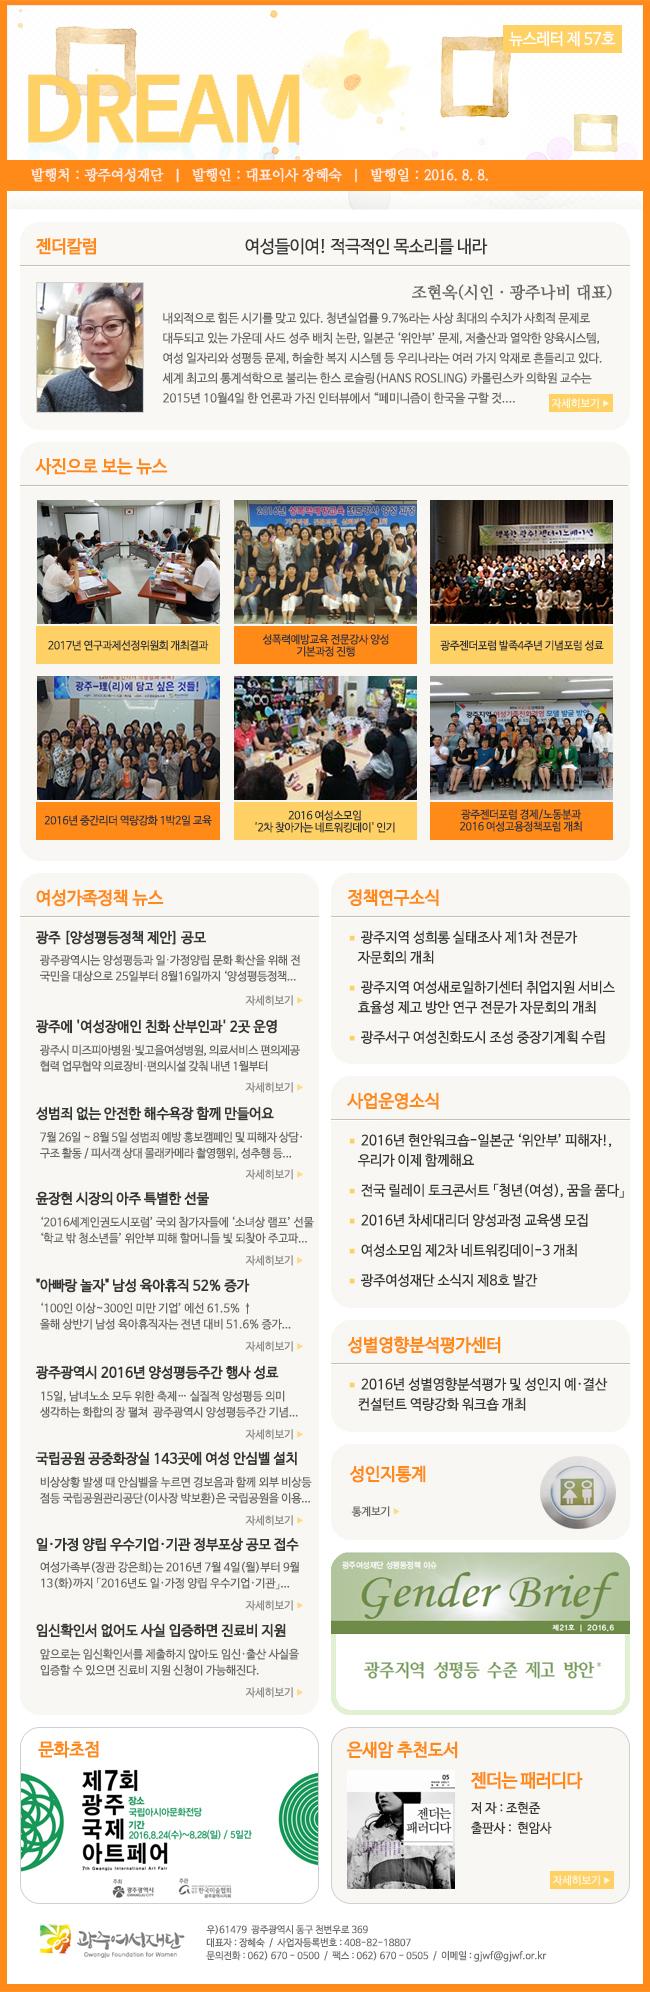 뉴스레터 드림 57호(16.8월) 썸네일